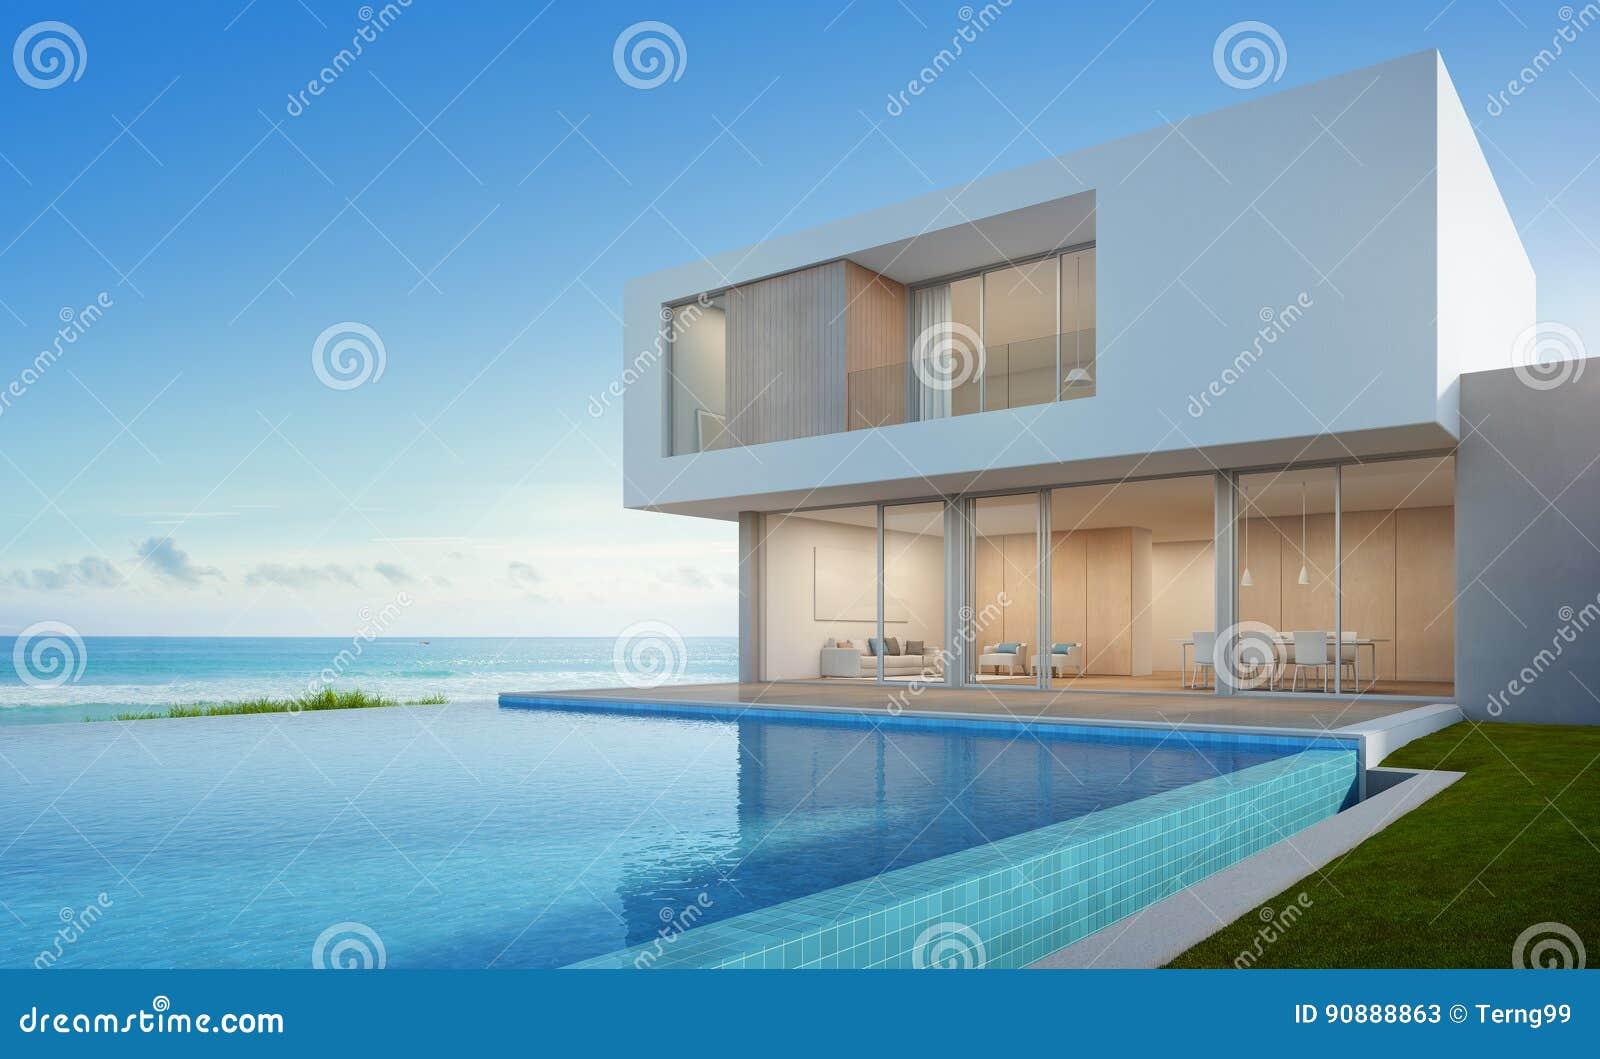 Casa di spiaggia di lusso con la piscina di vista del mare for Piani del cortile con piscine